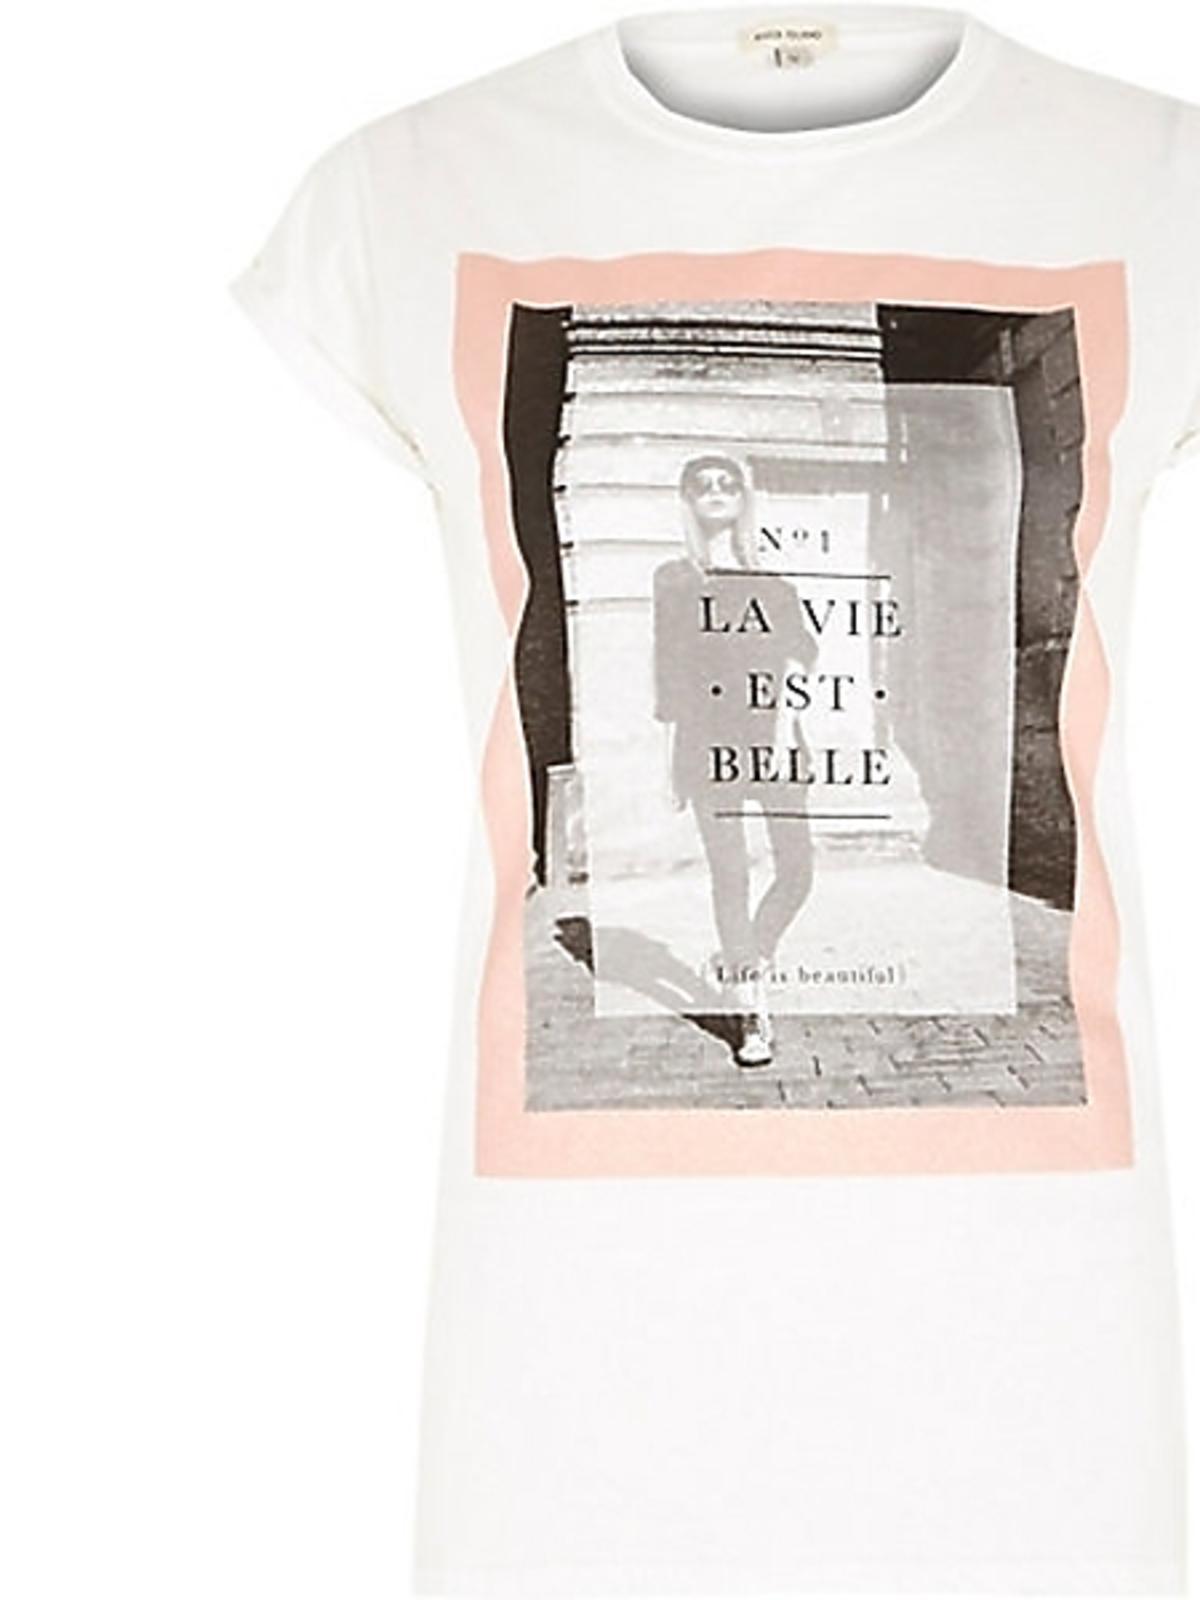 Biały t-shirt River Island, cena